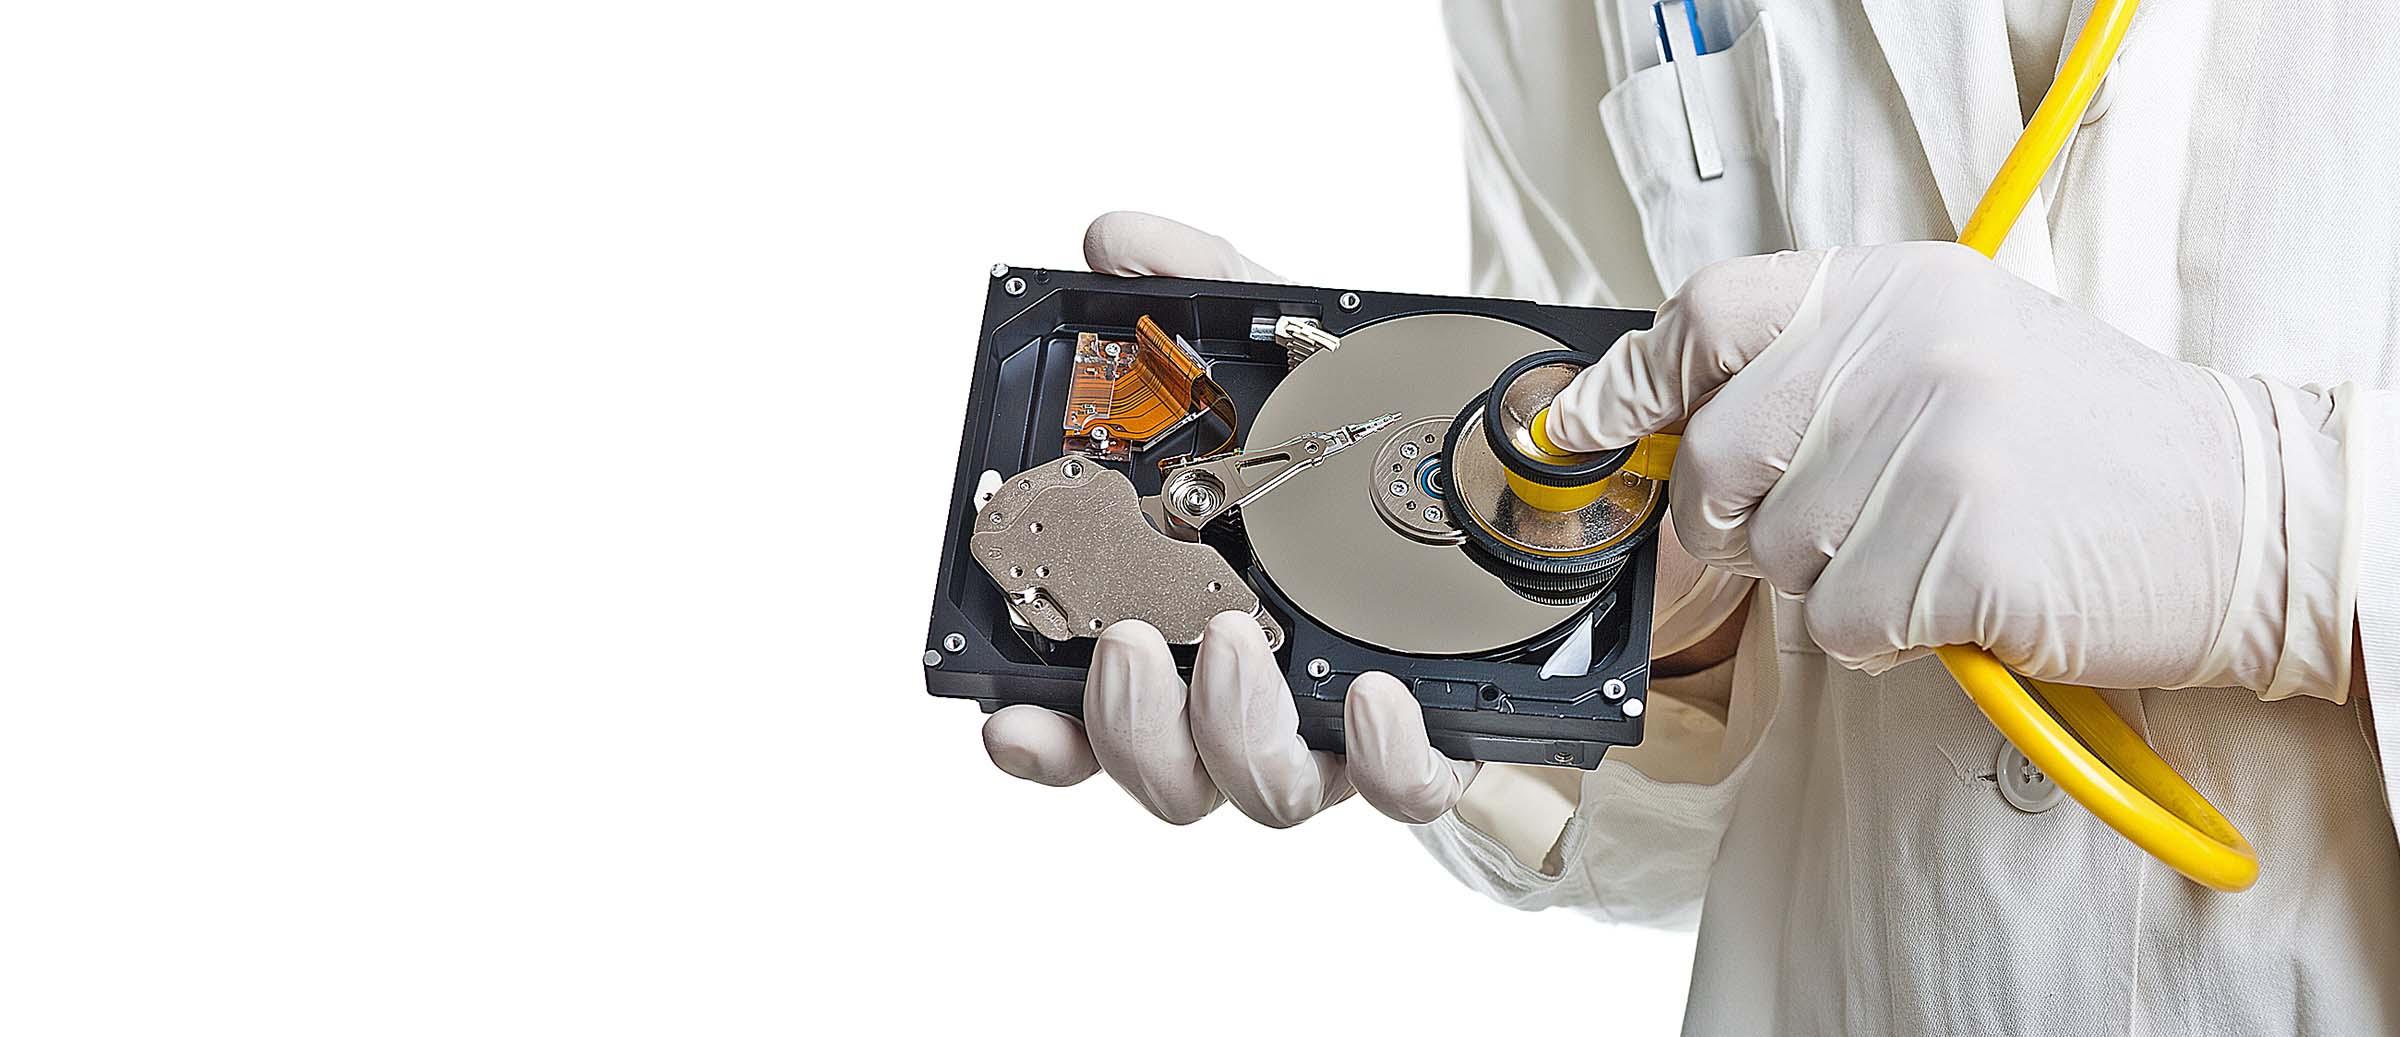 Datensicherung-Datenrettung-ERP-Service-Dienstleistung-EDV-IT-Systemhaus-Hannover-TL-Systems